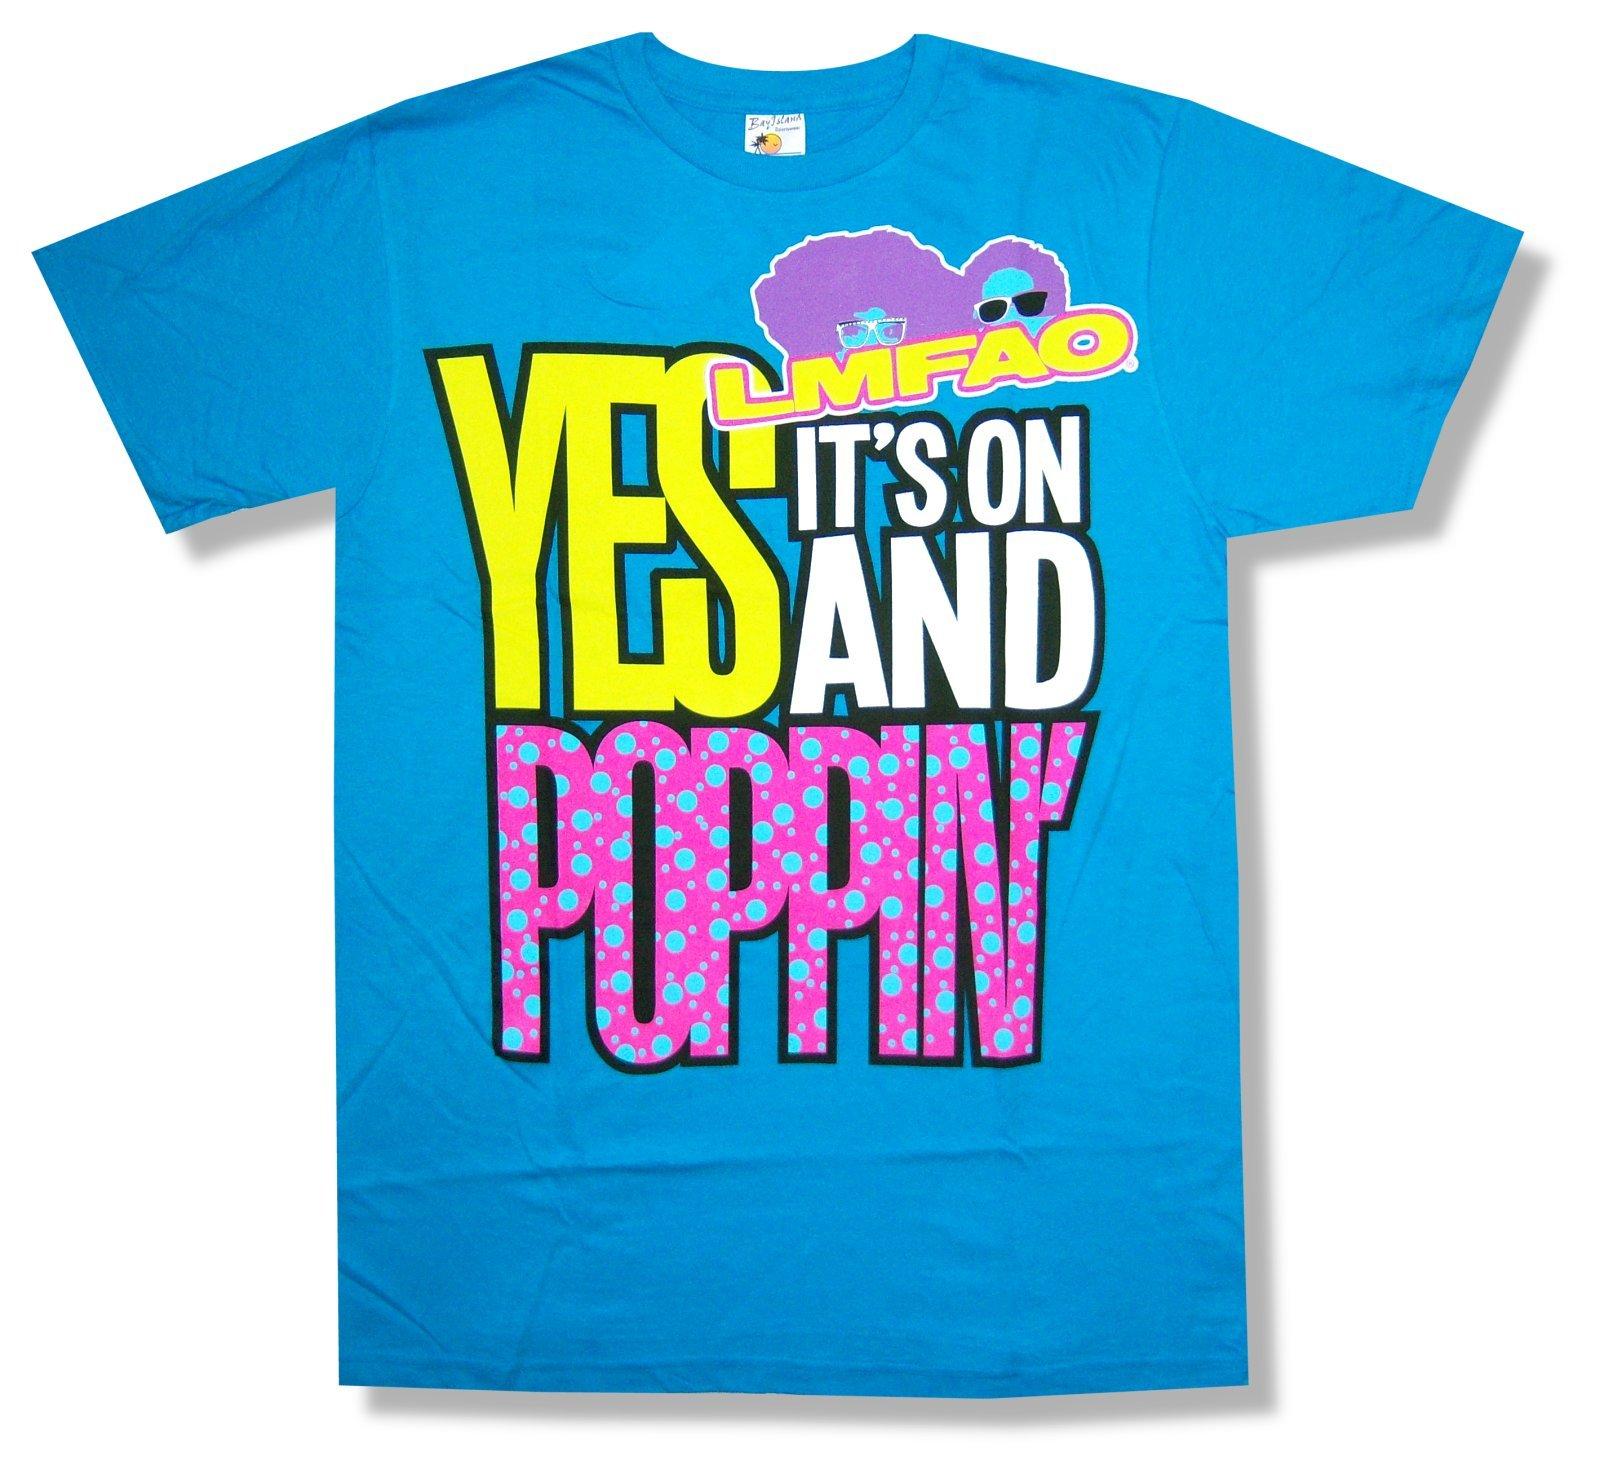 Adult Lmfao Poppin' Aqua Blue Shirts